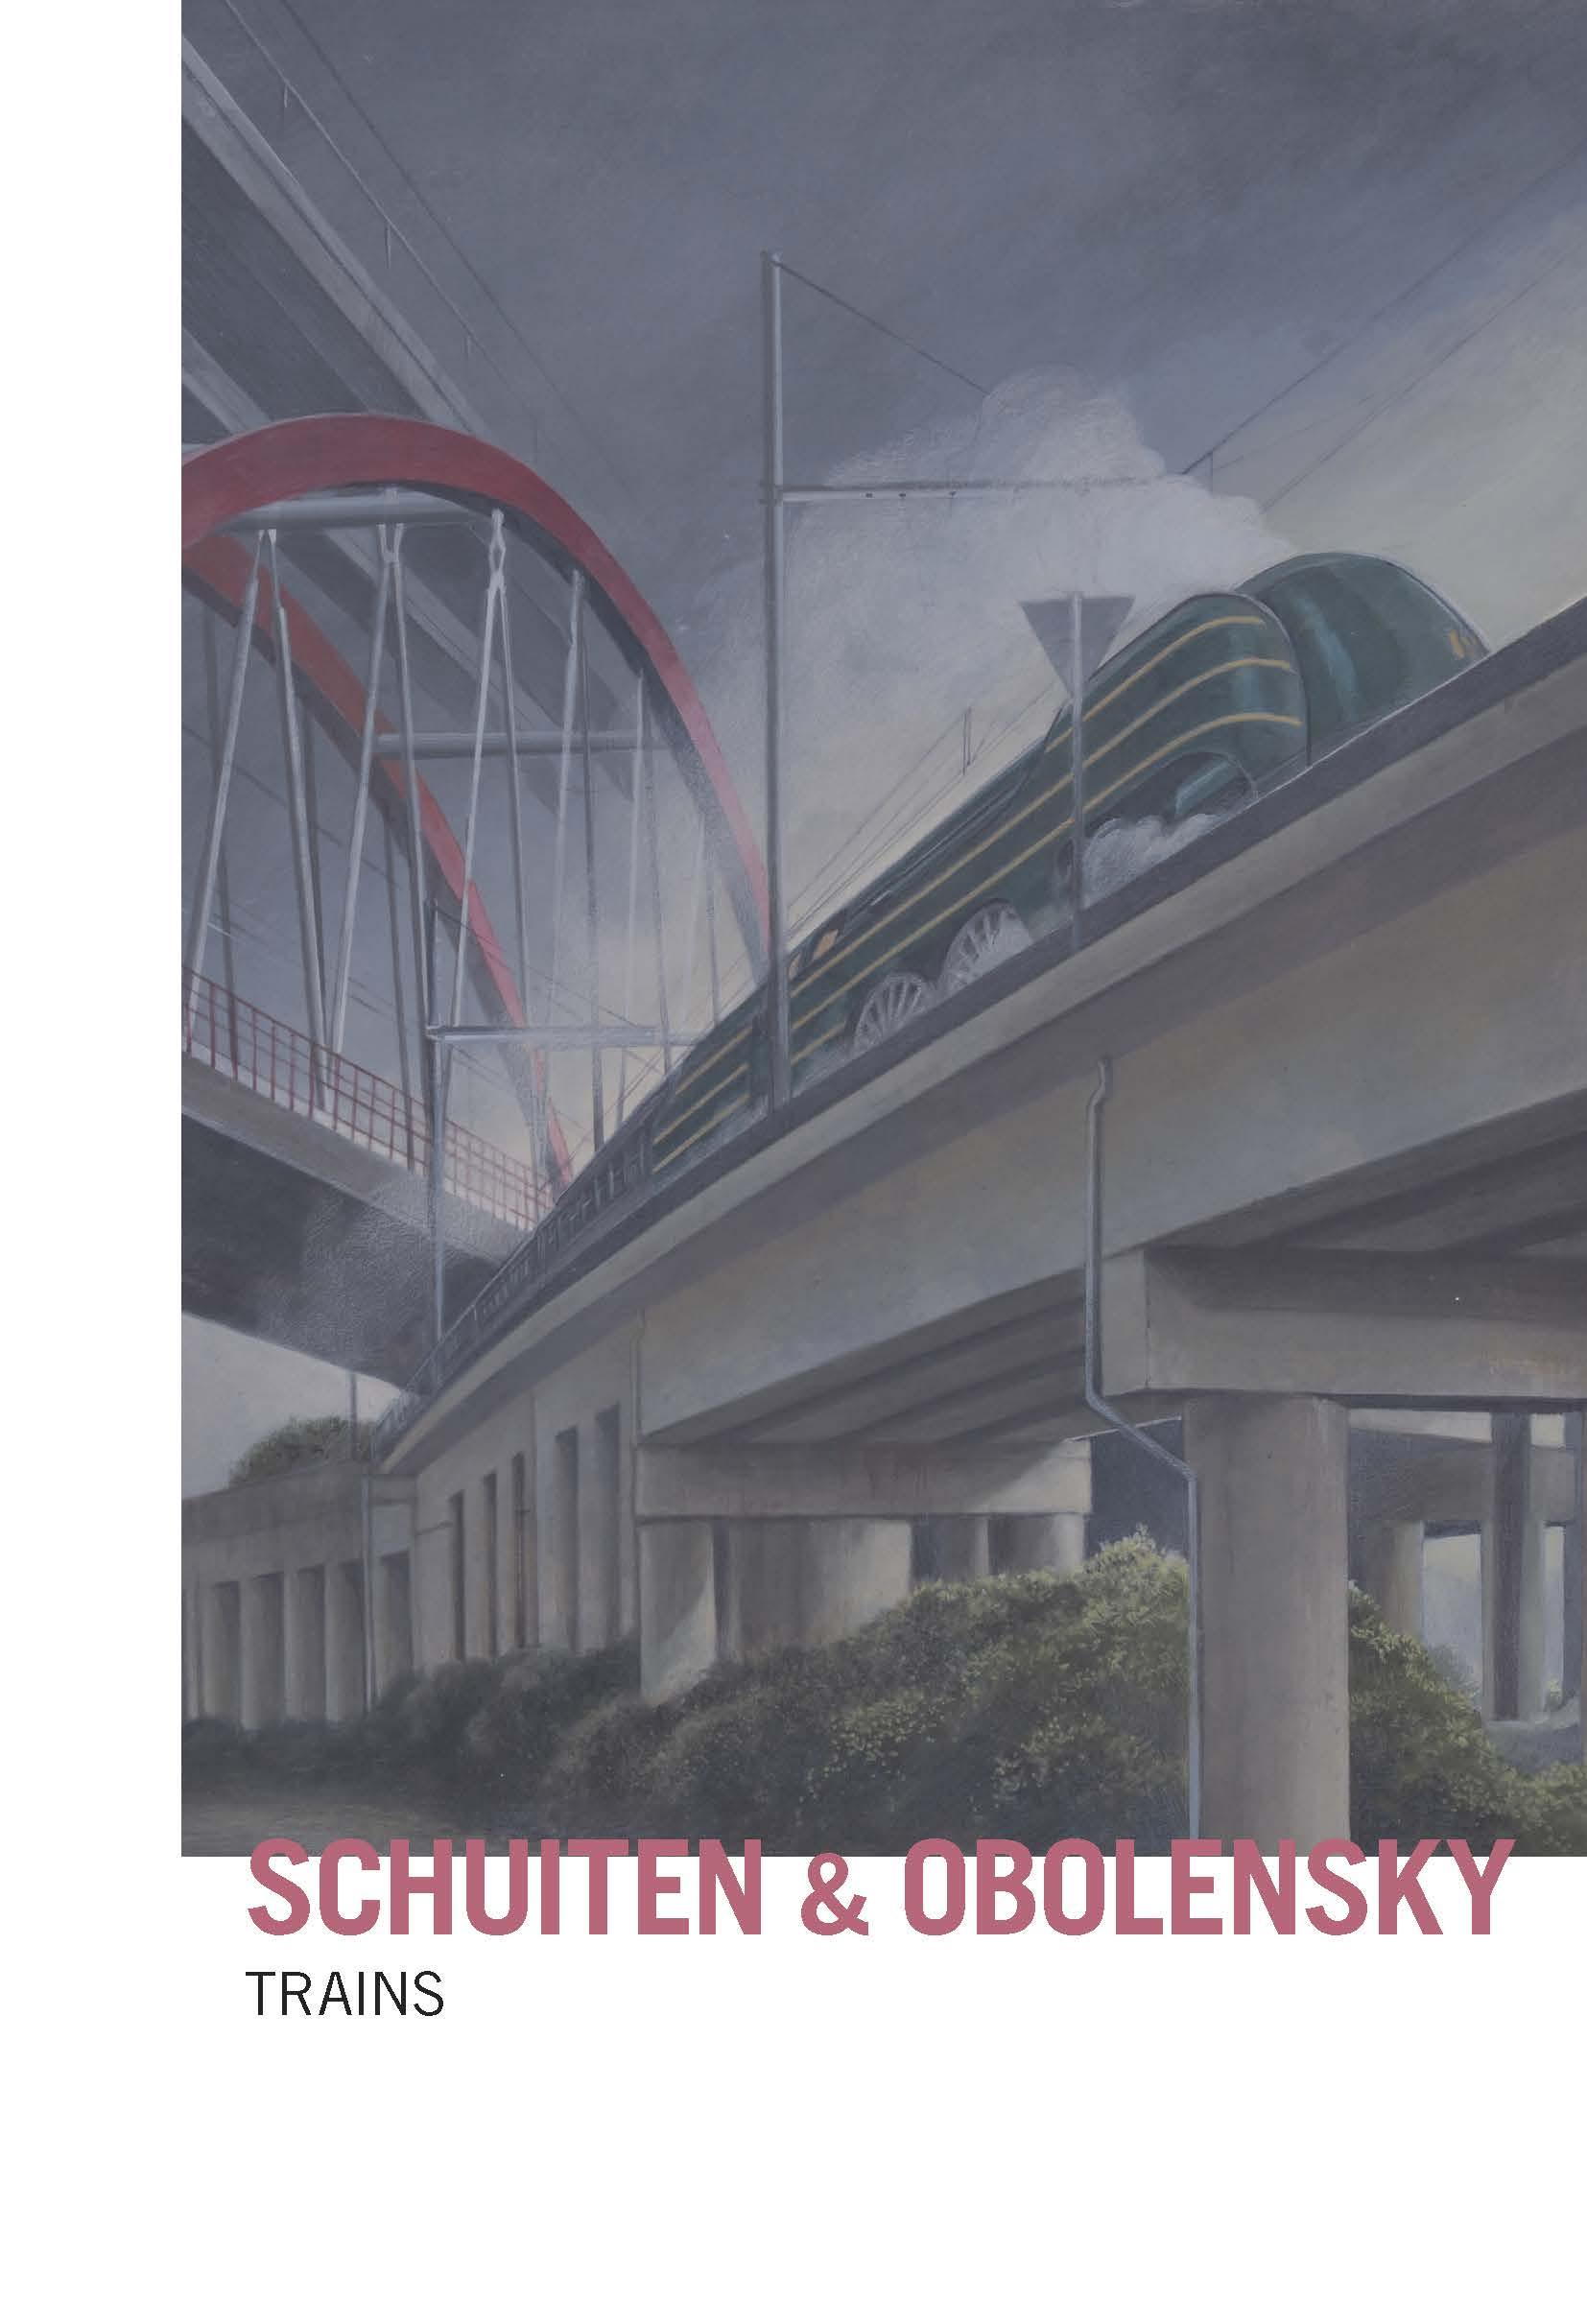 Trains : Schuiten et Obolensky s'exposent à Bruxelles